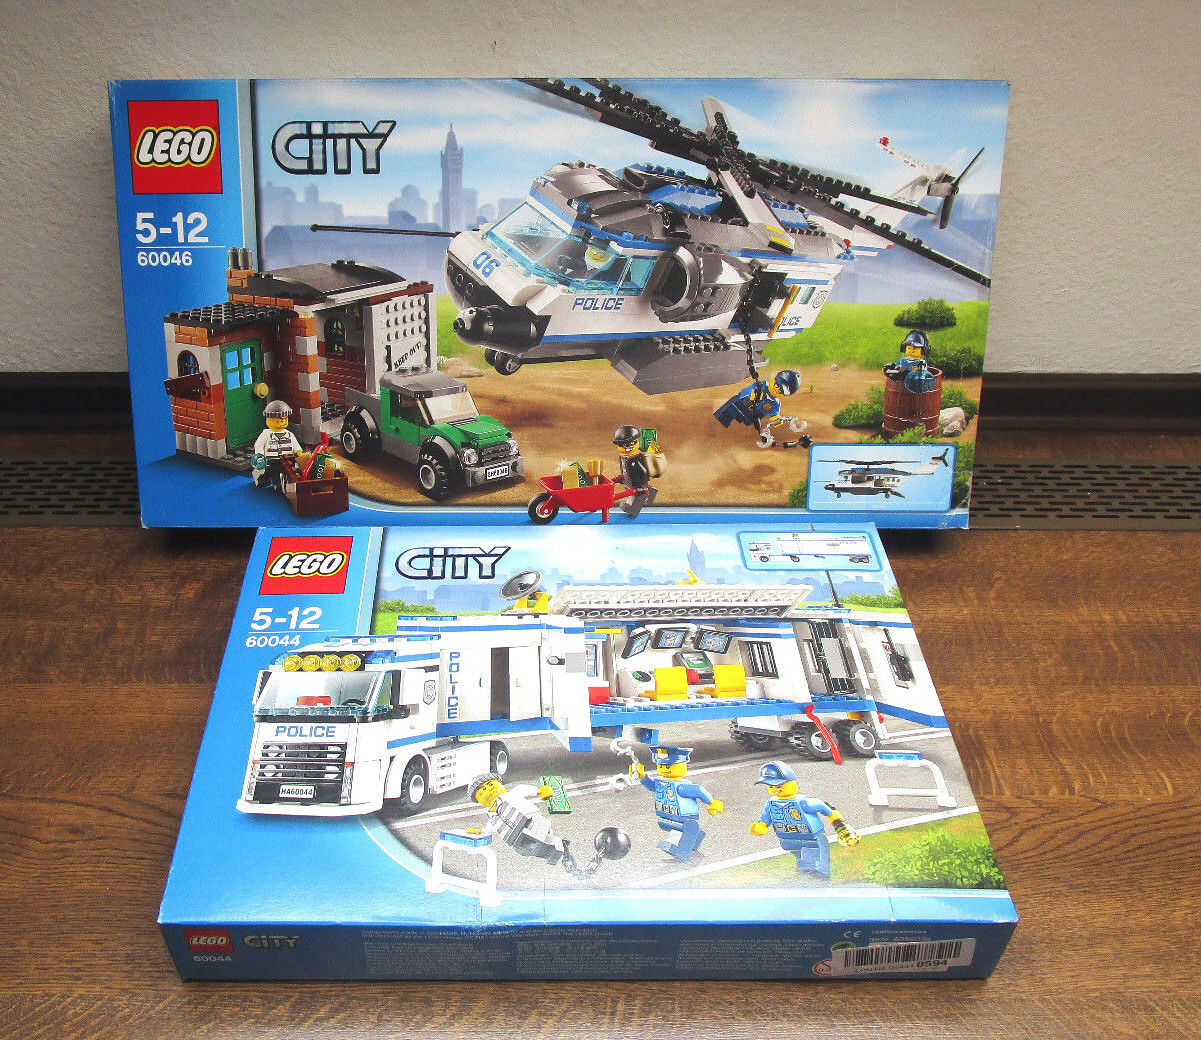 LEGO 60046 & & &  60044 - Verfolgung mit dem Hubschrauber und Polizei Truck 4d4e48